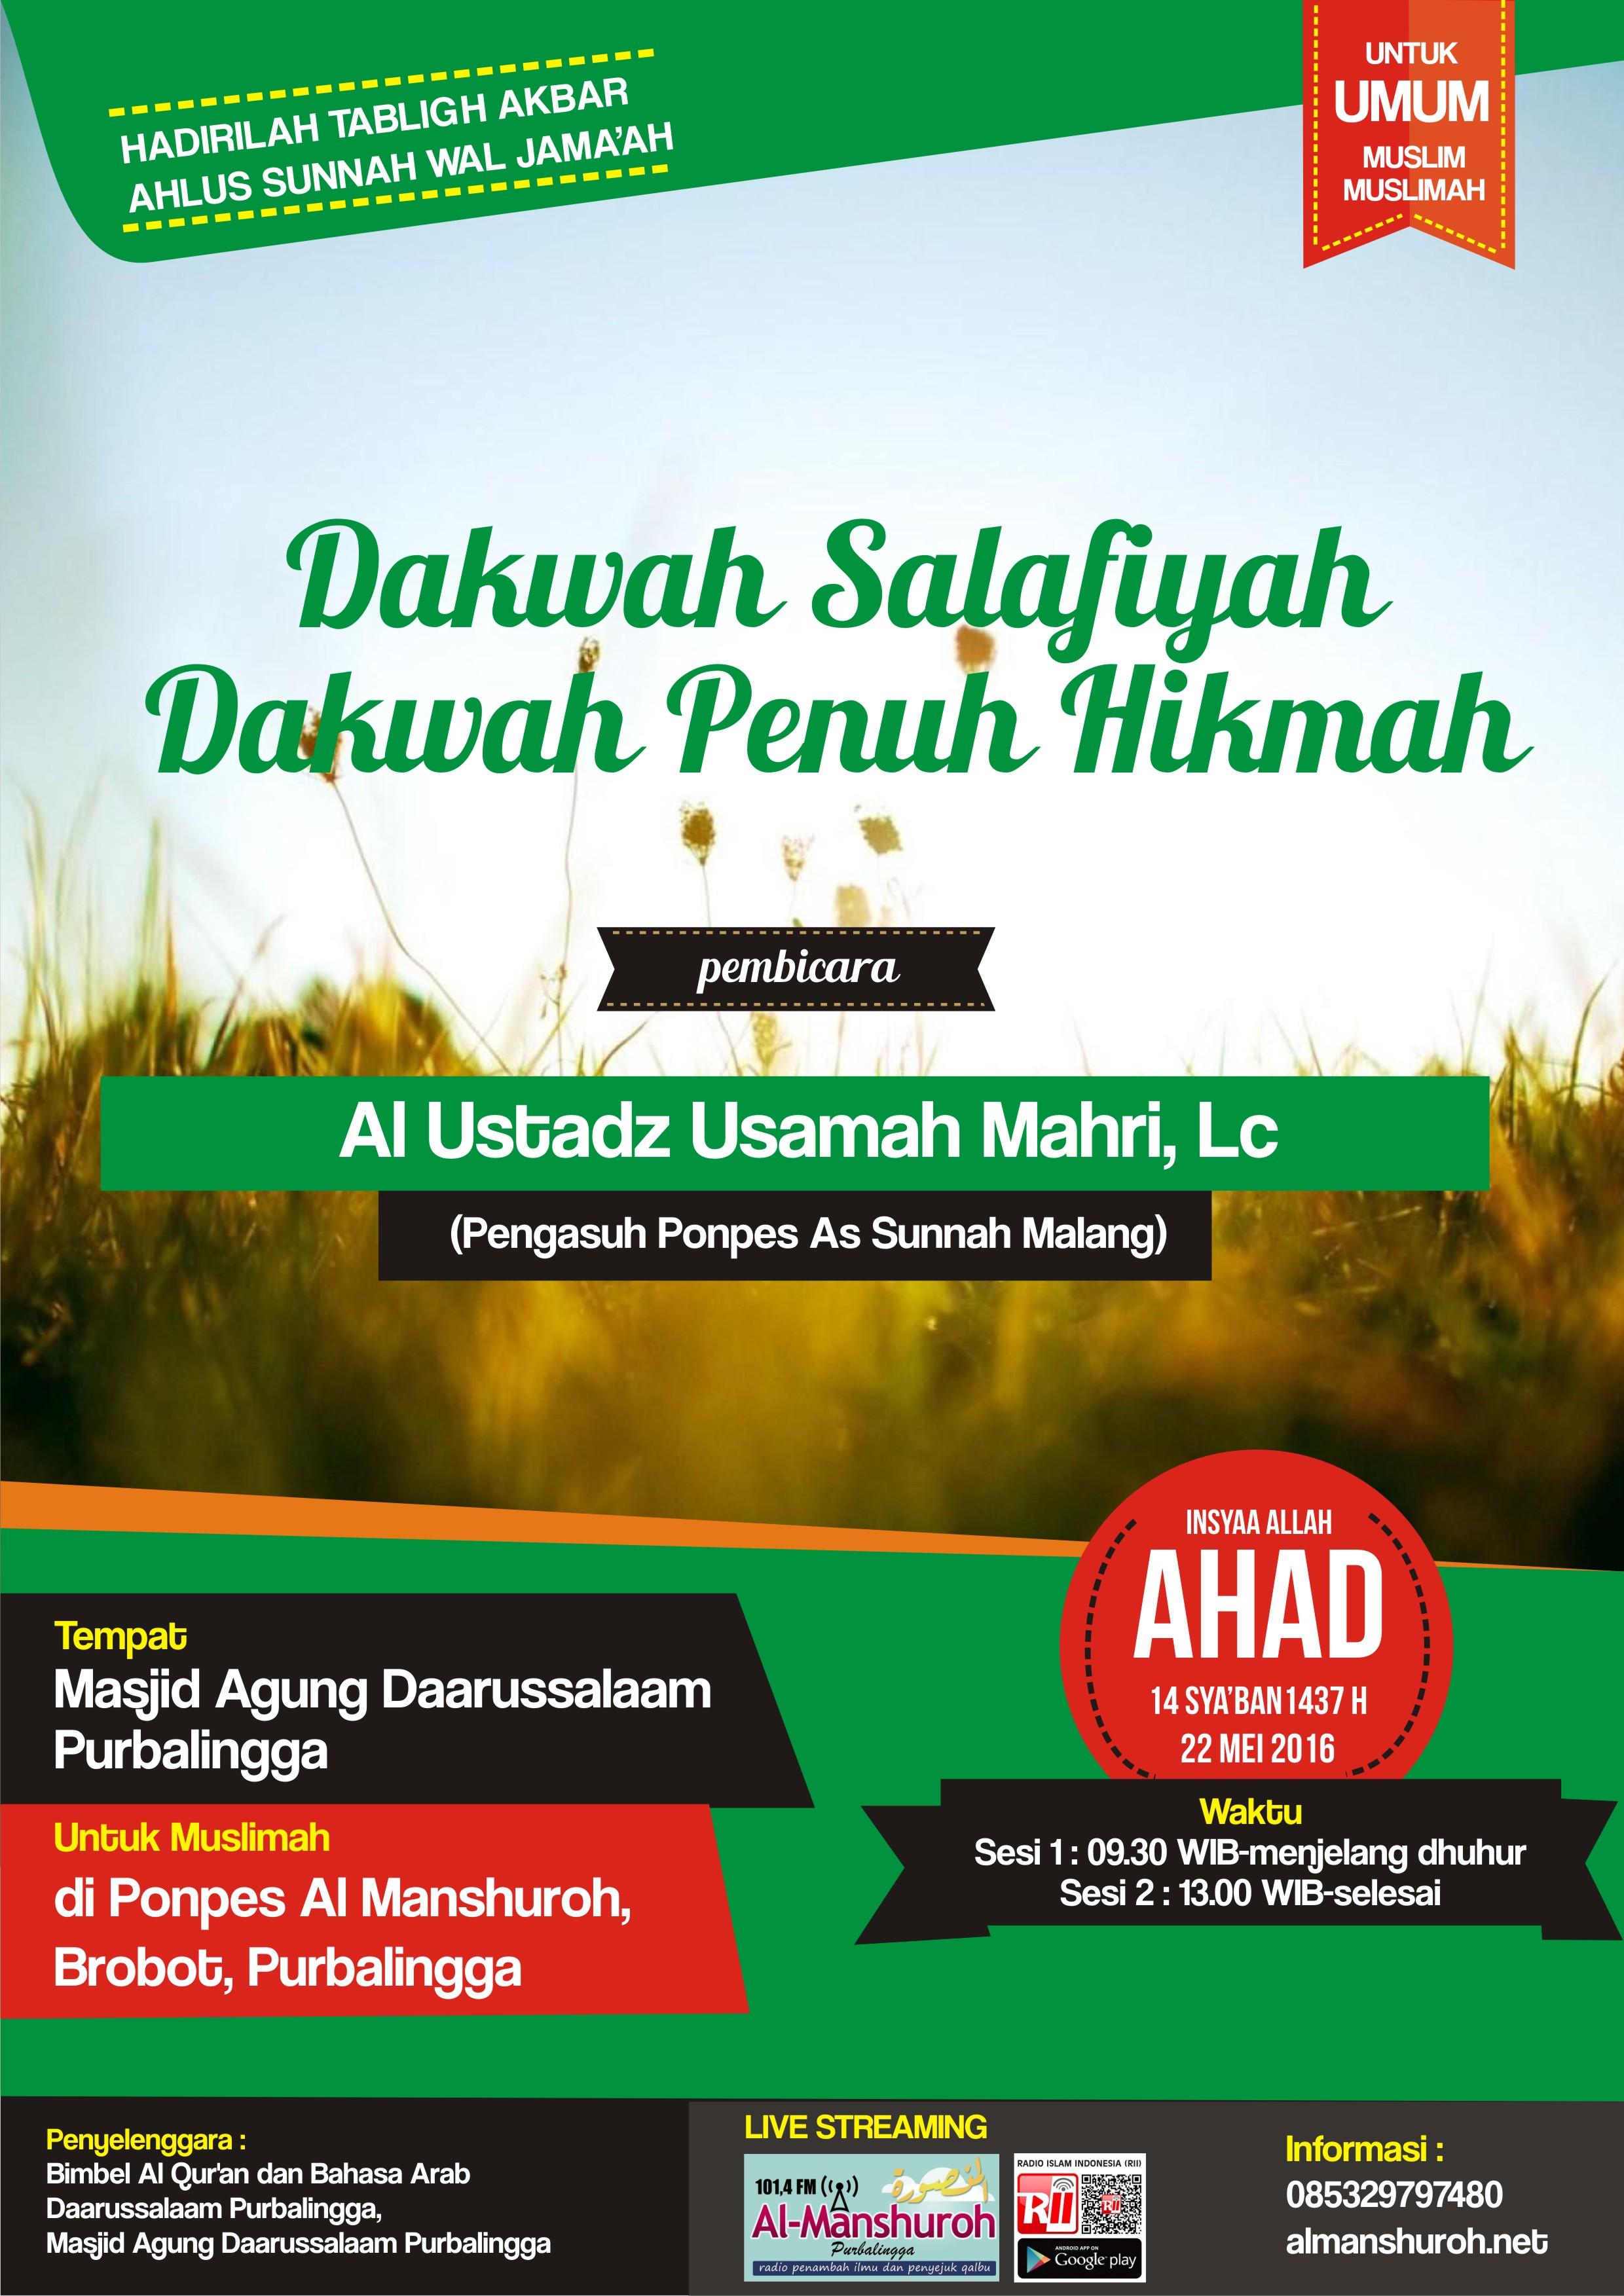 AUDIO : Rangkaian Muhadhoroh Ustadz Usamah Mahri di Purbalingga Ahad 15 Sya'ban 1437 / 22 Mei 2016